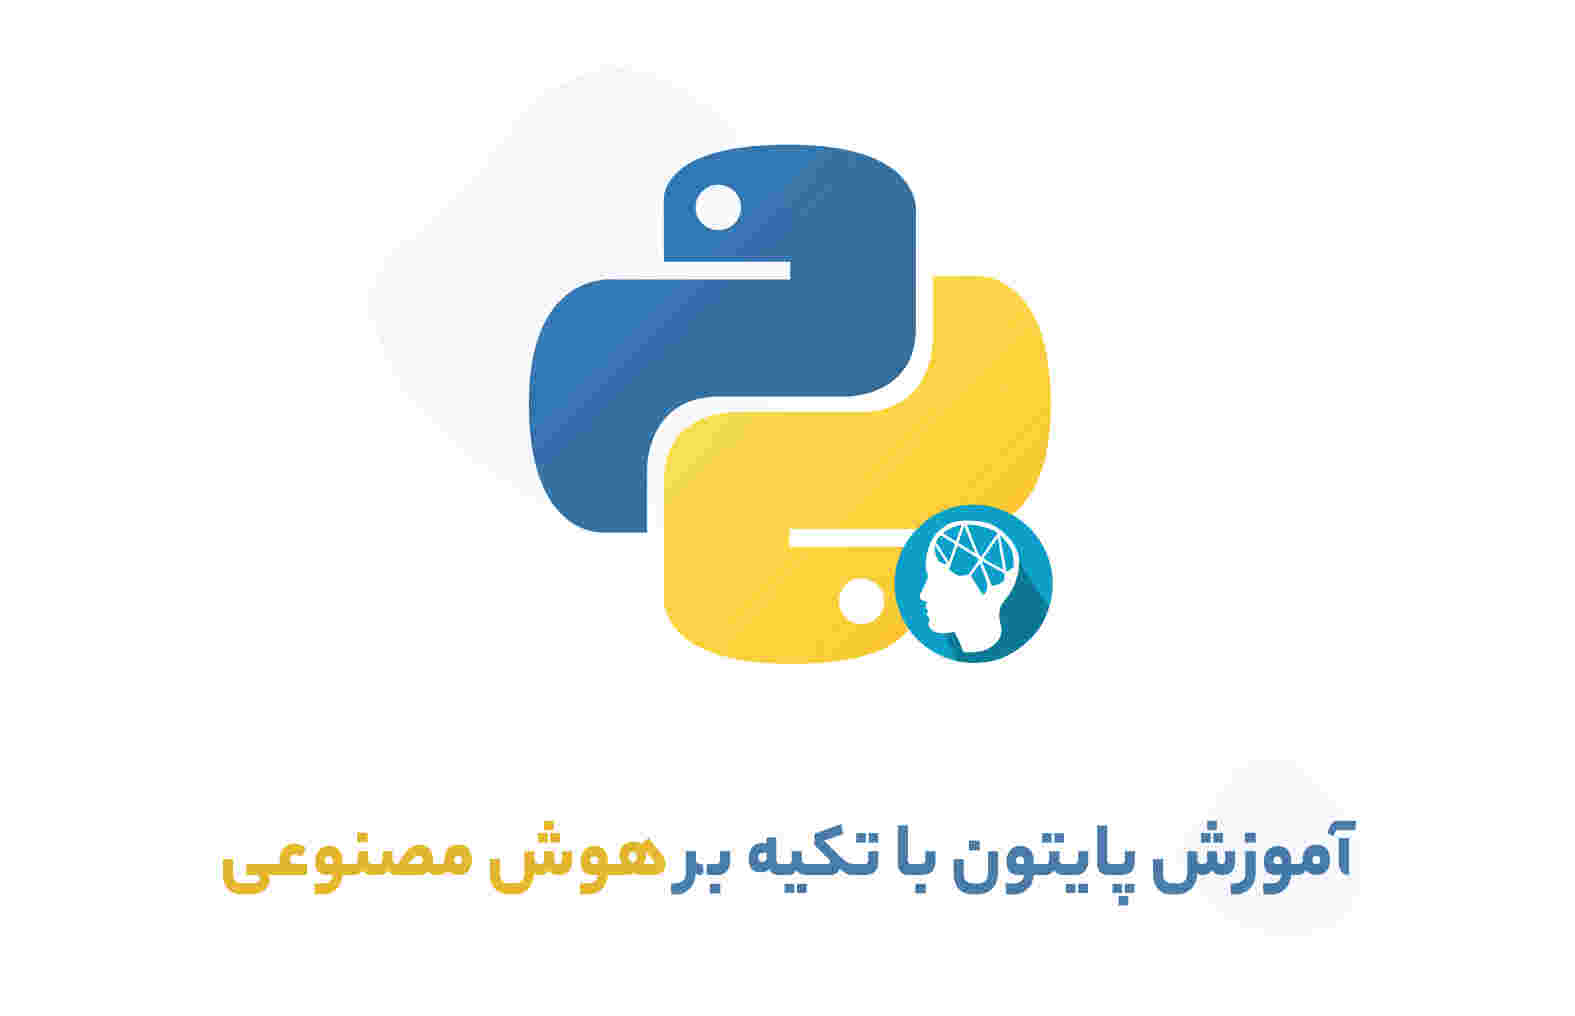 آموزش جامع پایتون (python) با تکیه بر هوش مصنوعی